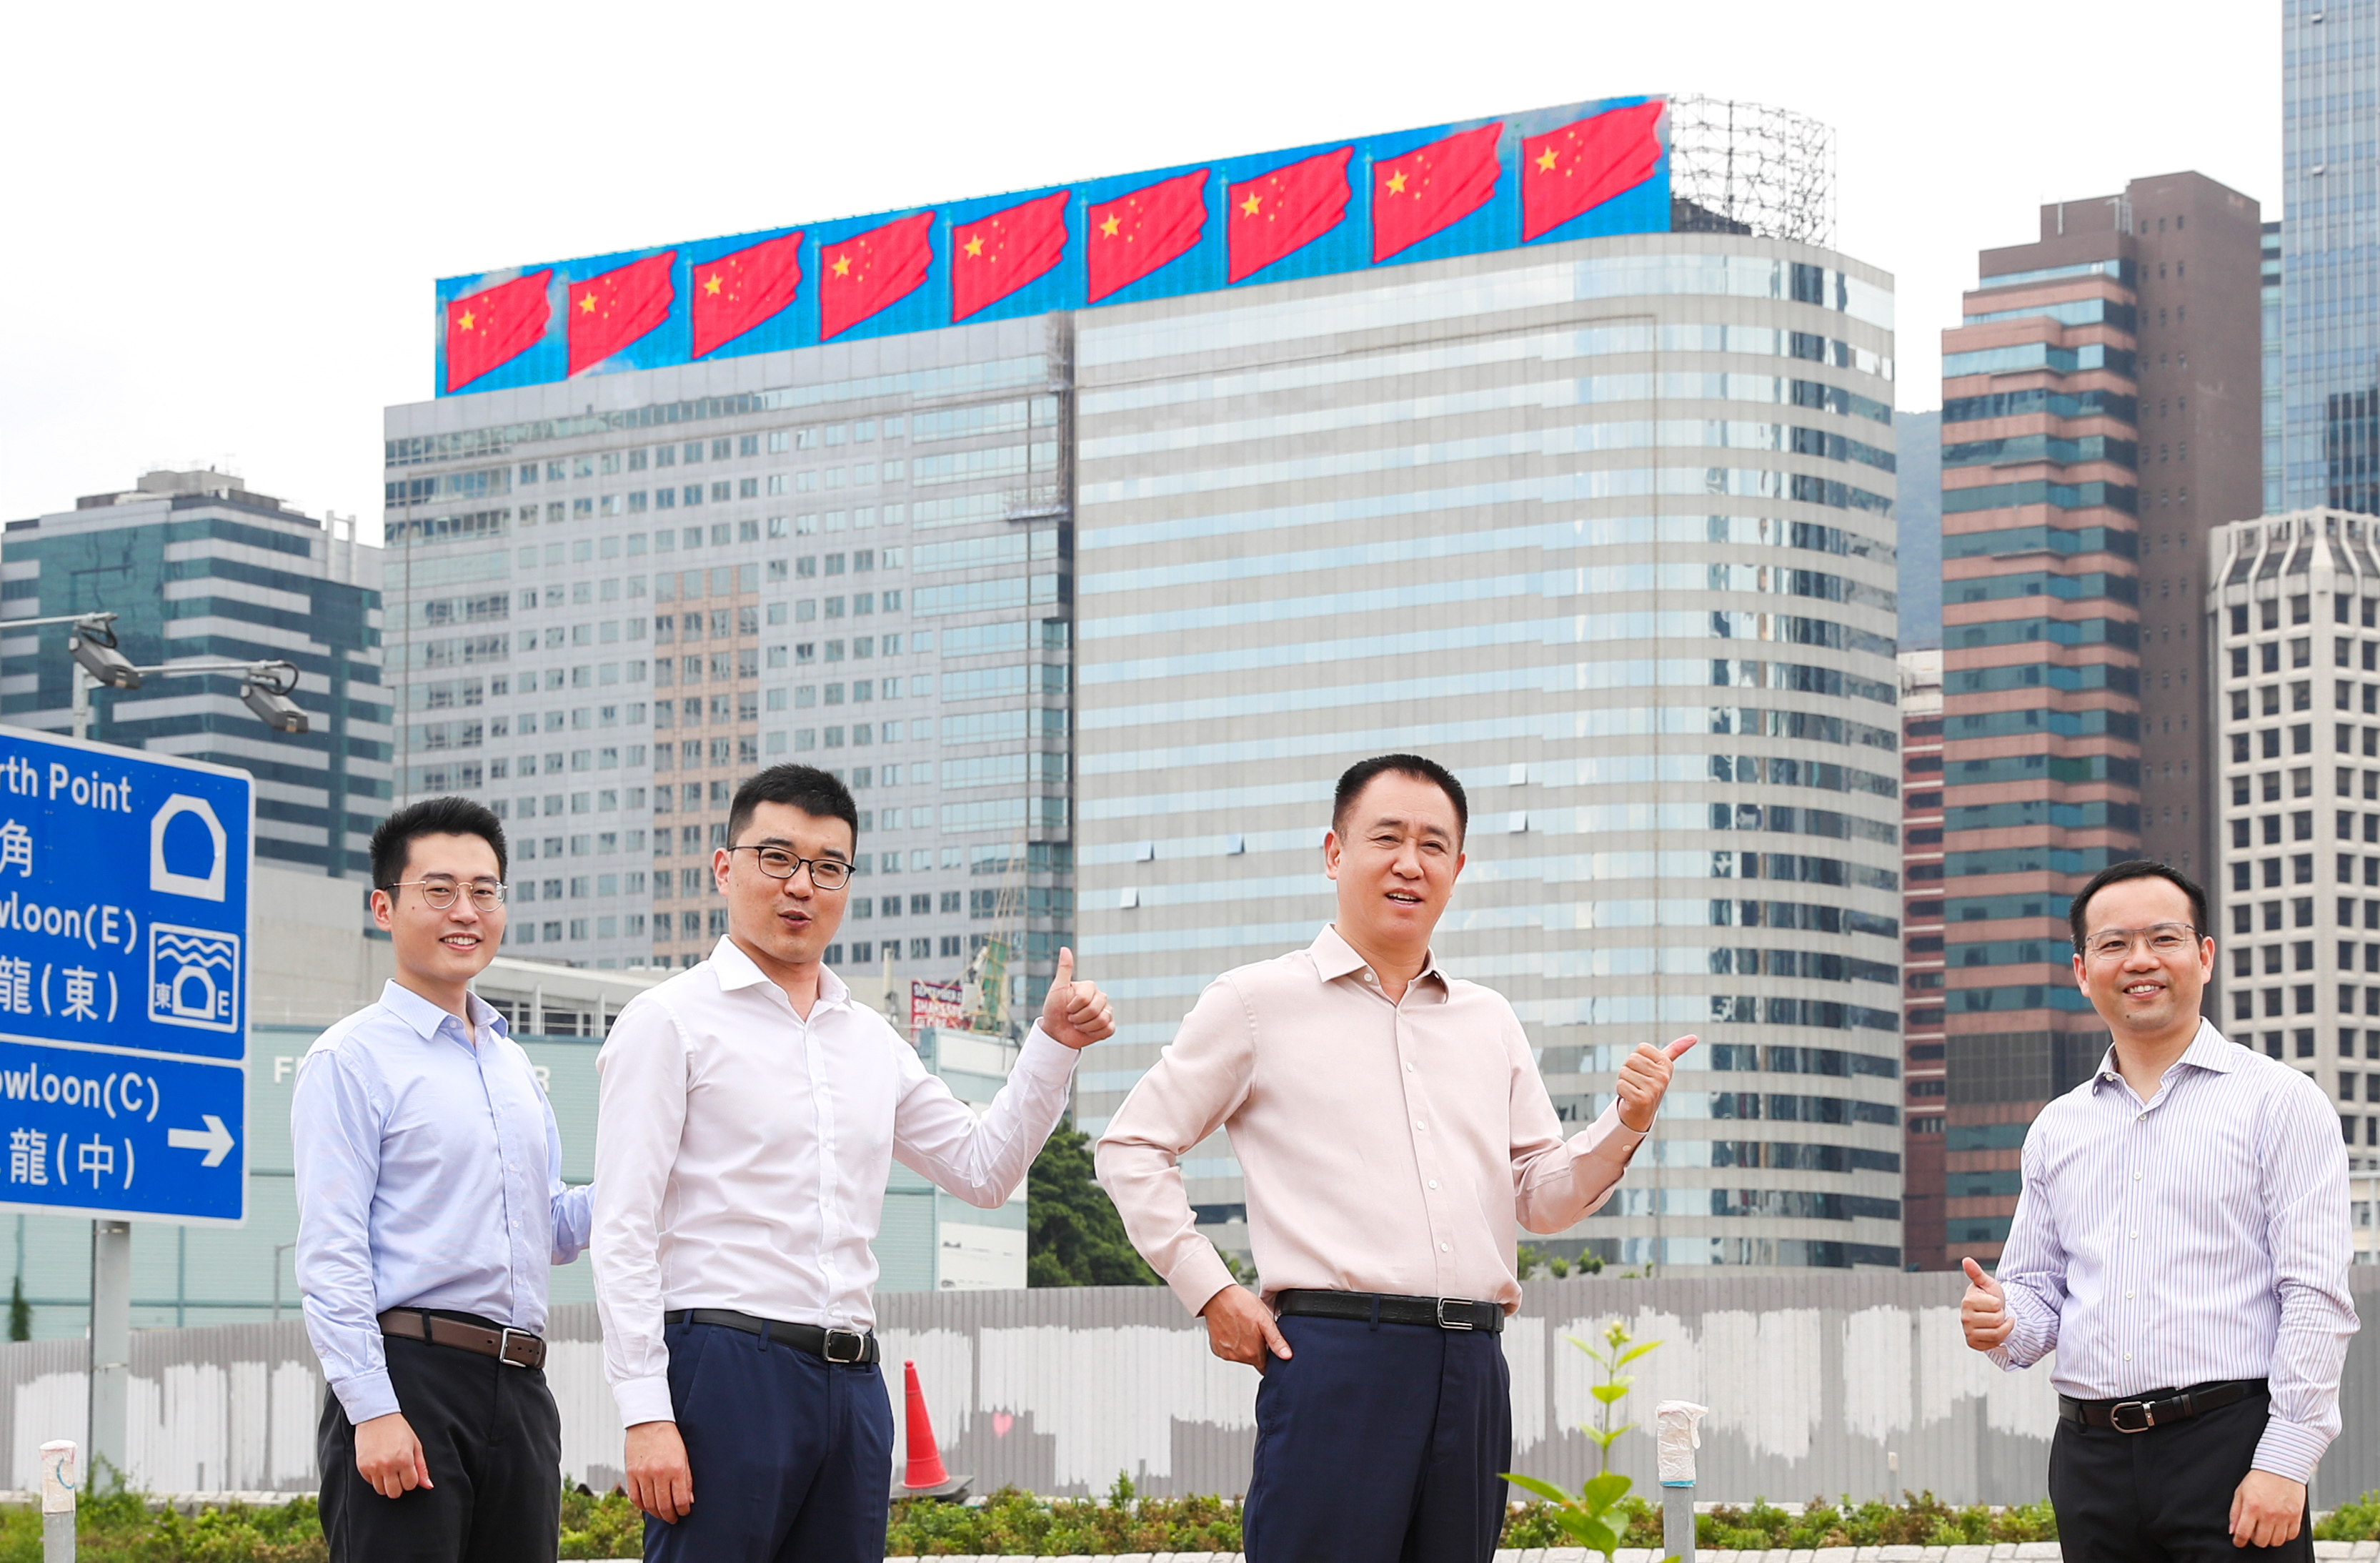 许家印检查恒大香港总部大楼五星红旗飘行的展现成果